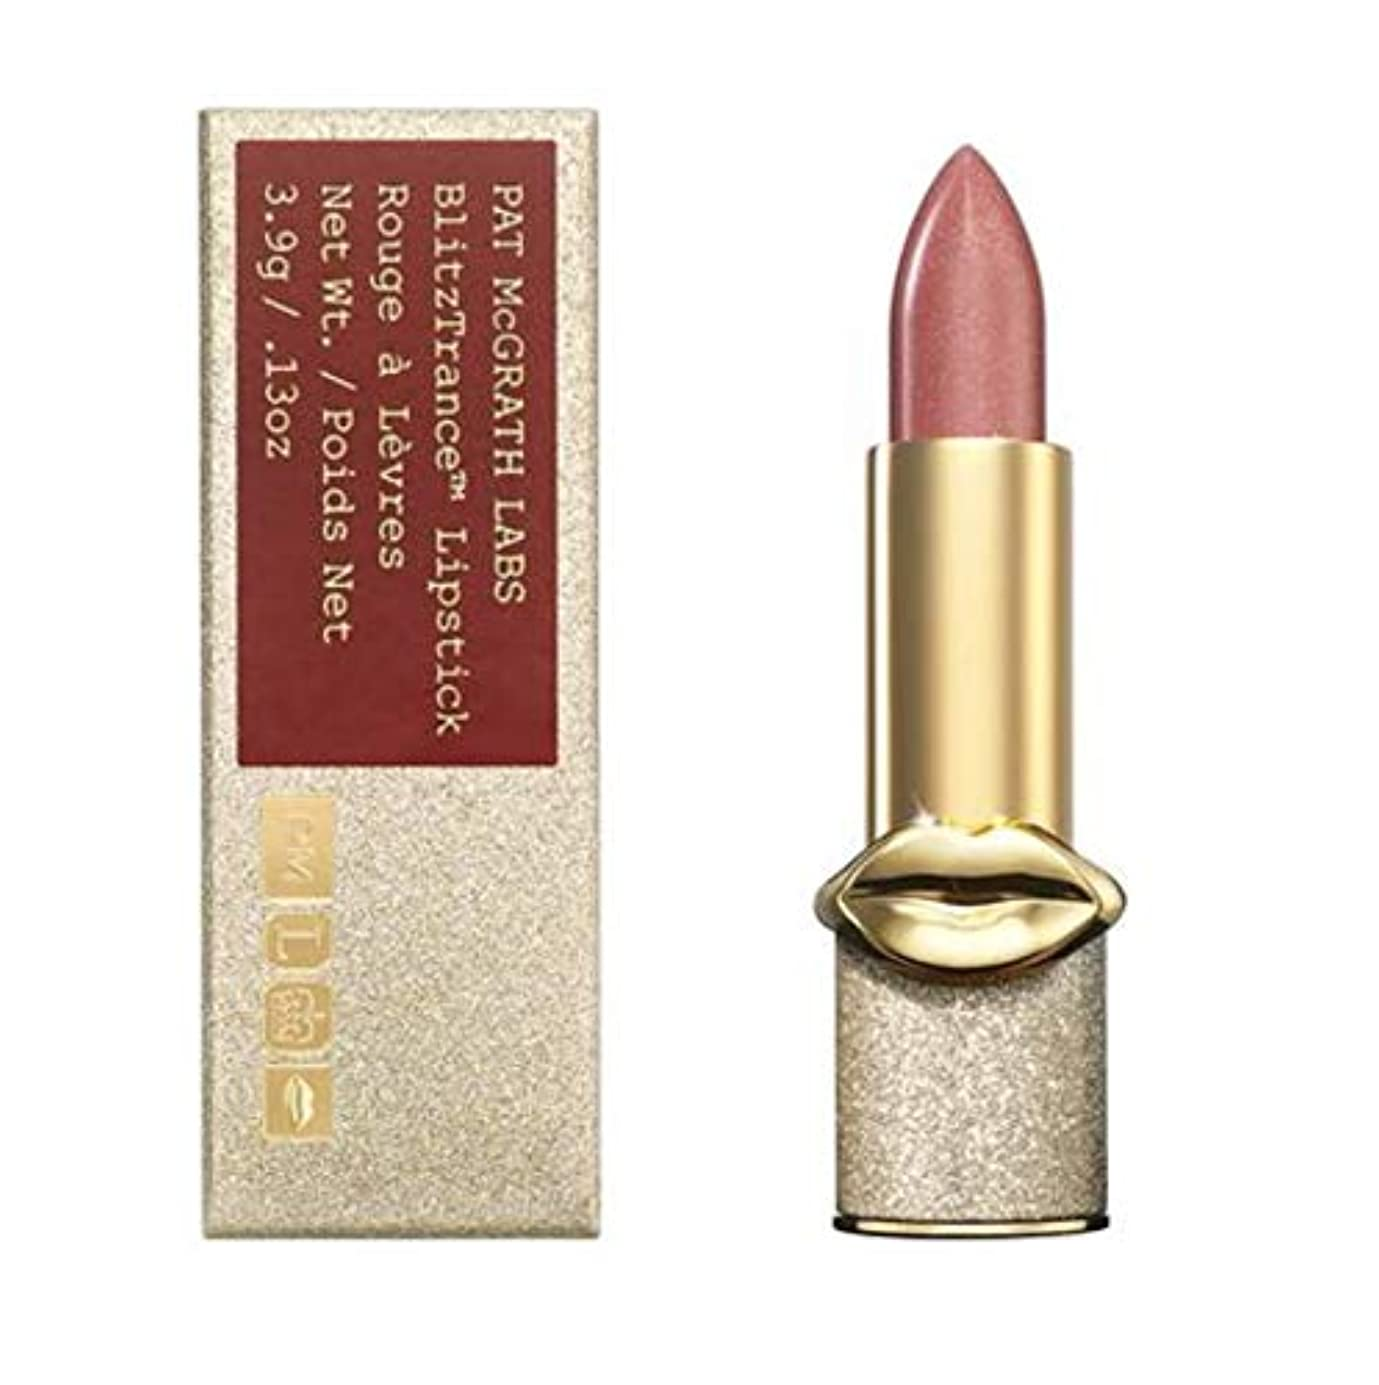 フルートなぜなら落ち着くPAT MCGRATH LABS BlitzTrance™ Lipstick (Skinsane)